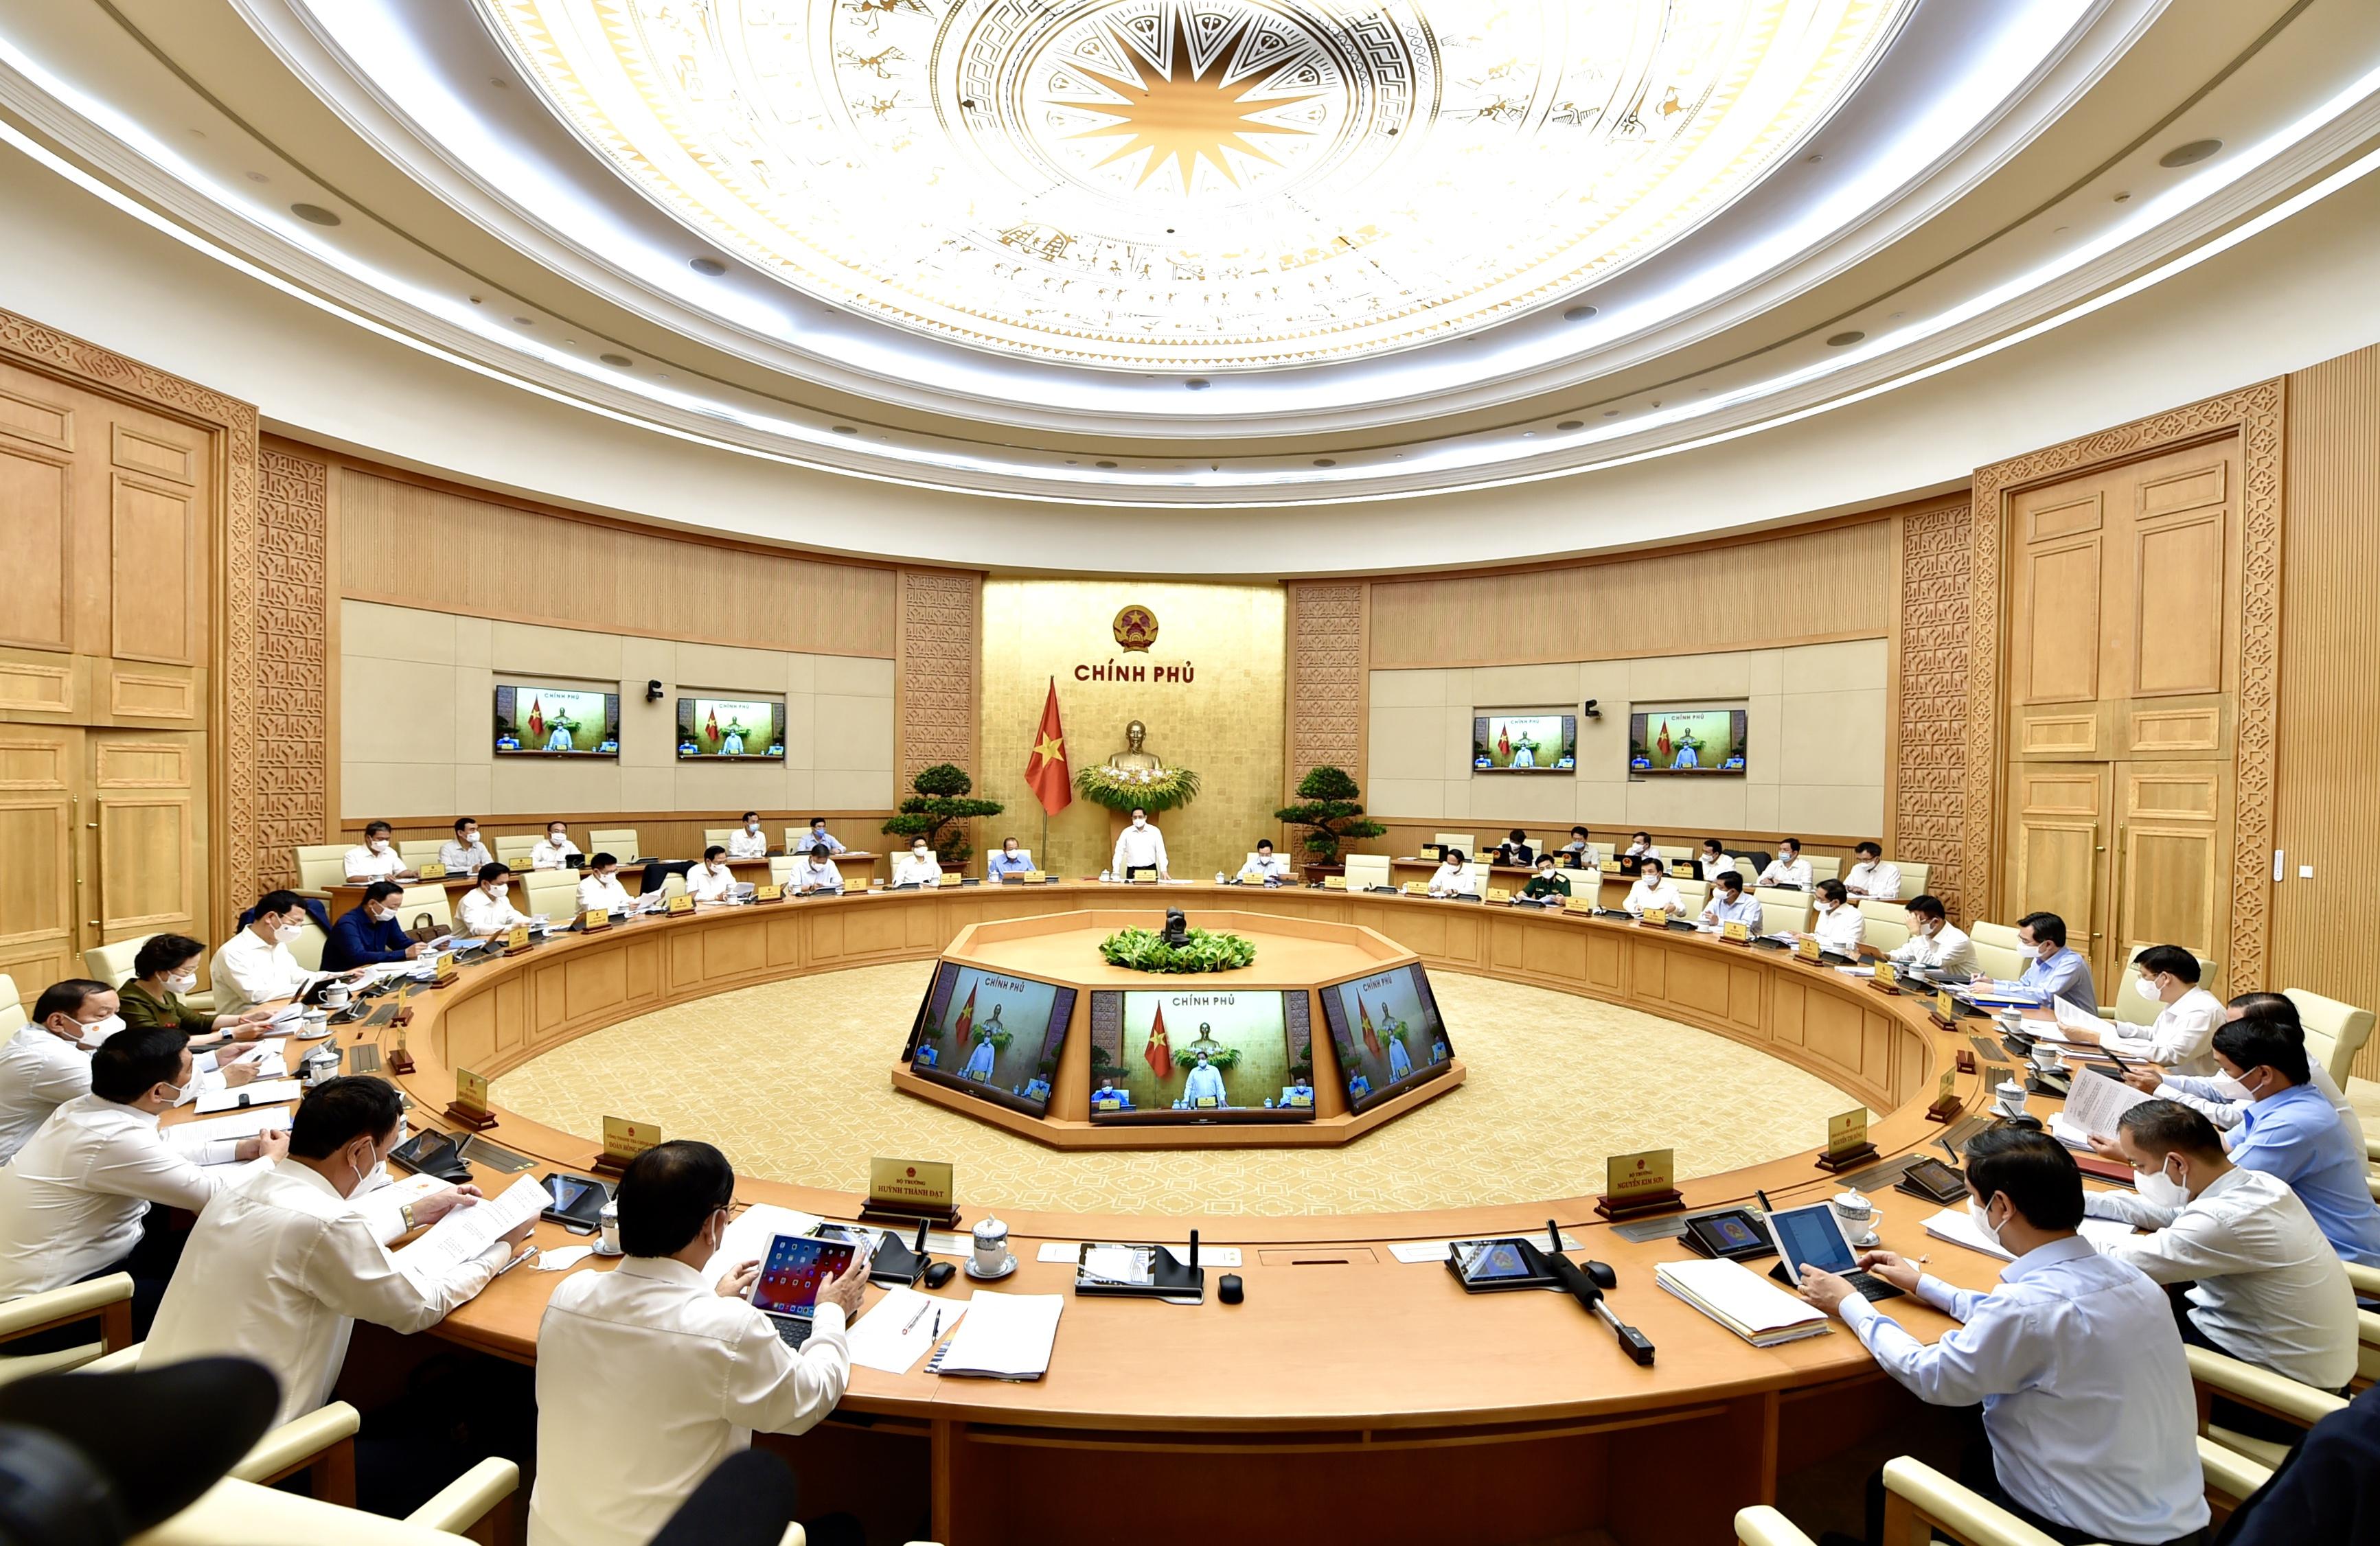 Thủ tướng yêu cầu Bộ VHTTDL cập nhật tình hình dịch bệnh, khả năng tham gia SEA Games 31 và Paragames 11 - Ảnh 1.